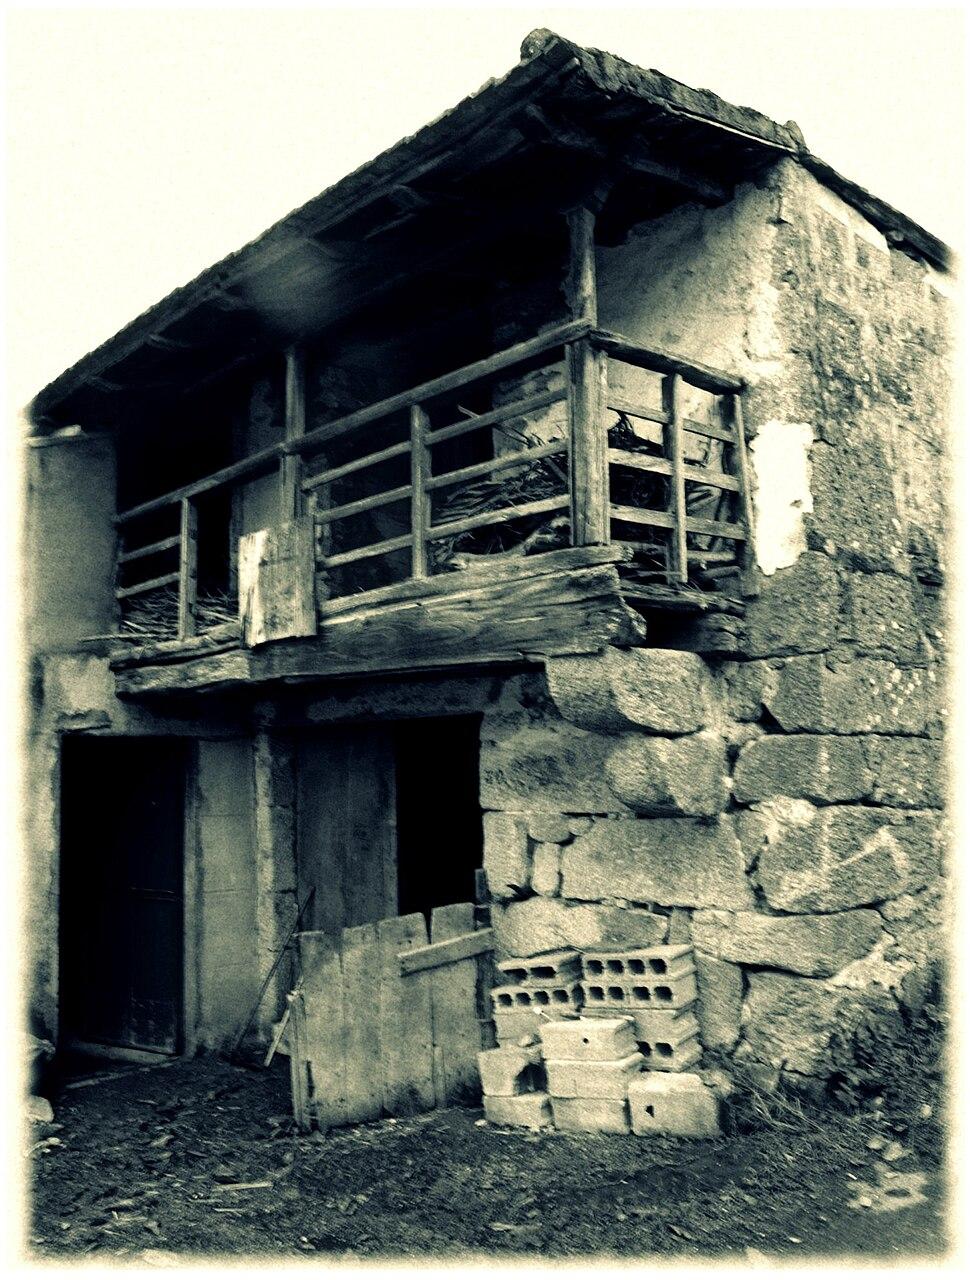 Casa en Vilariño das Poldras, Couso de Limia, Sandiás, Ourense, Galicia (Spain)